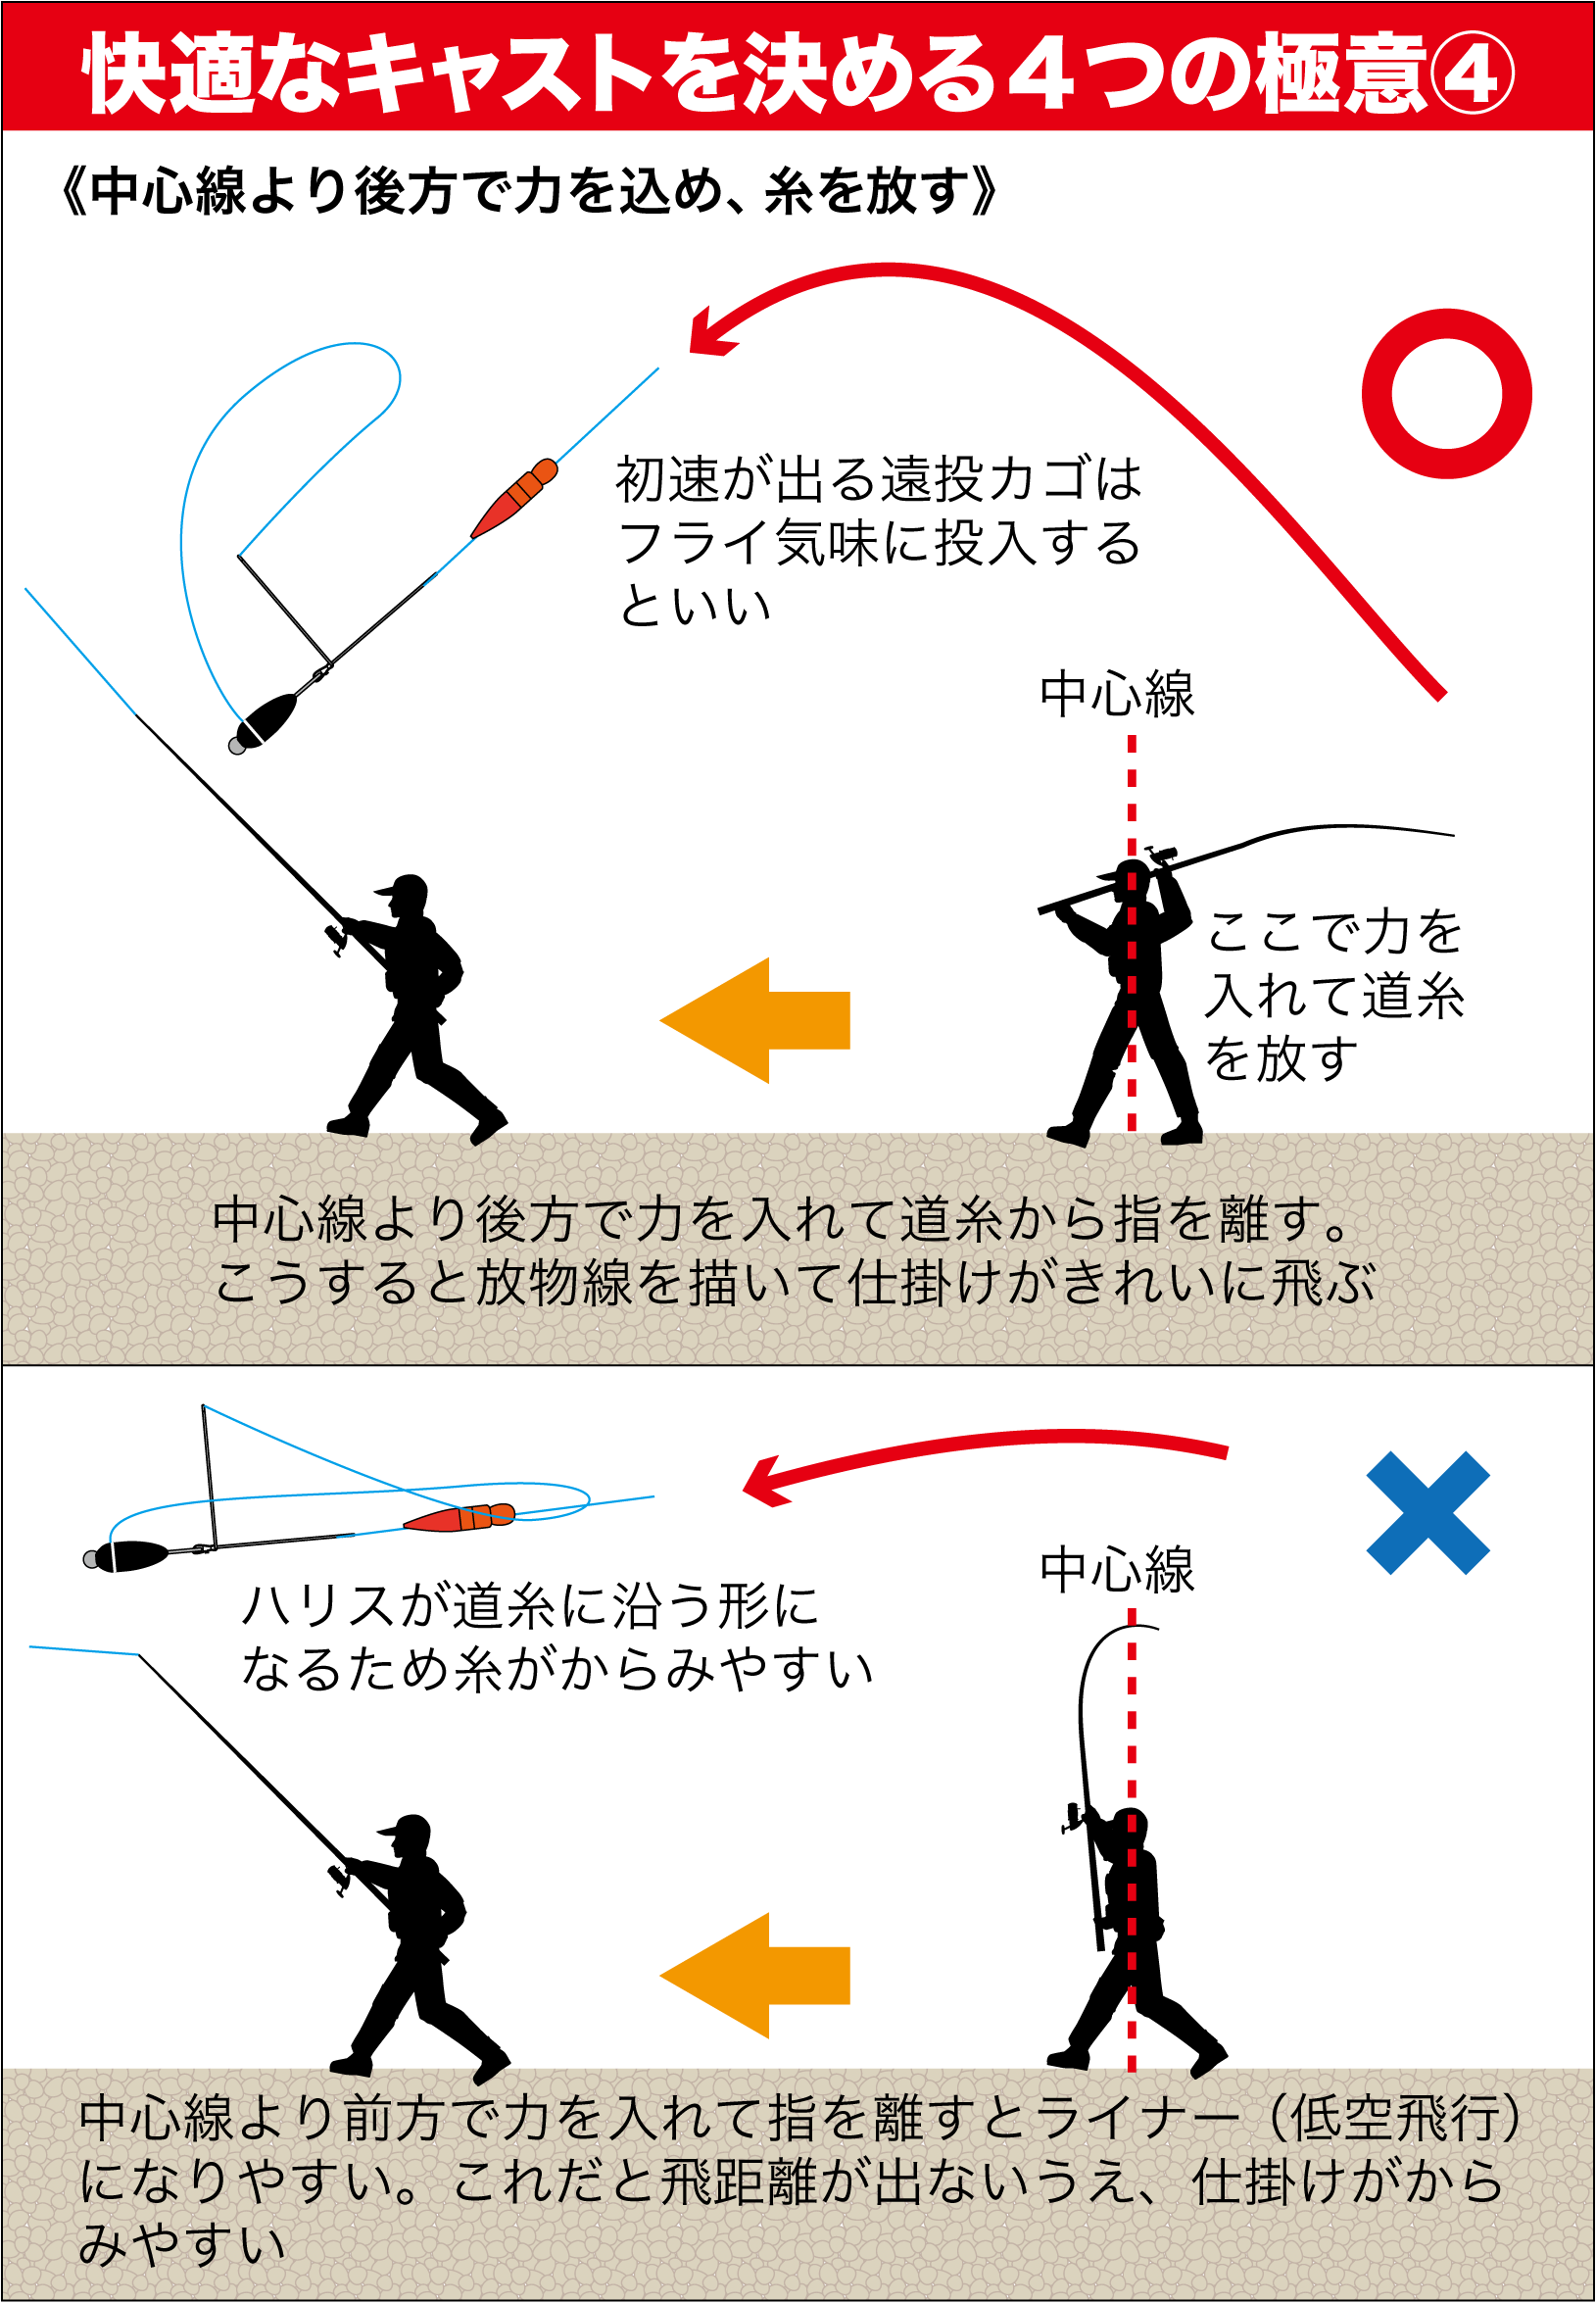 七里御浜カゴ釣りプラン7